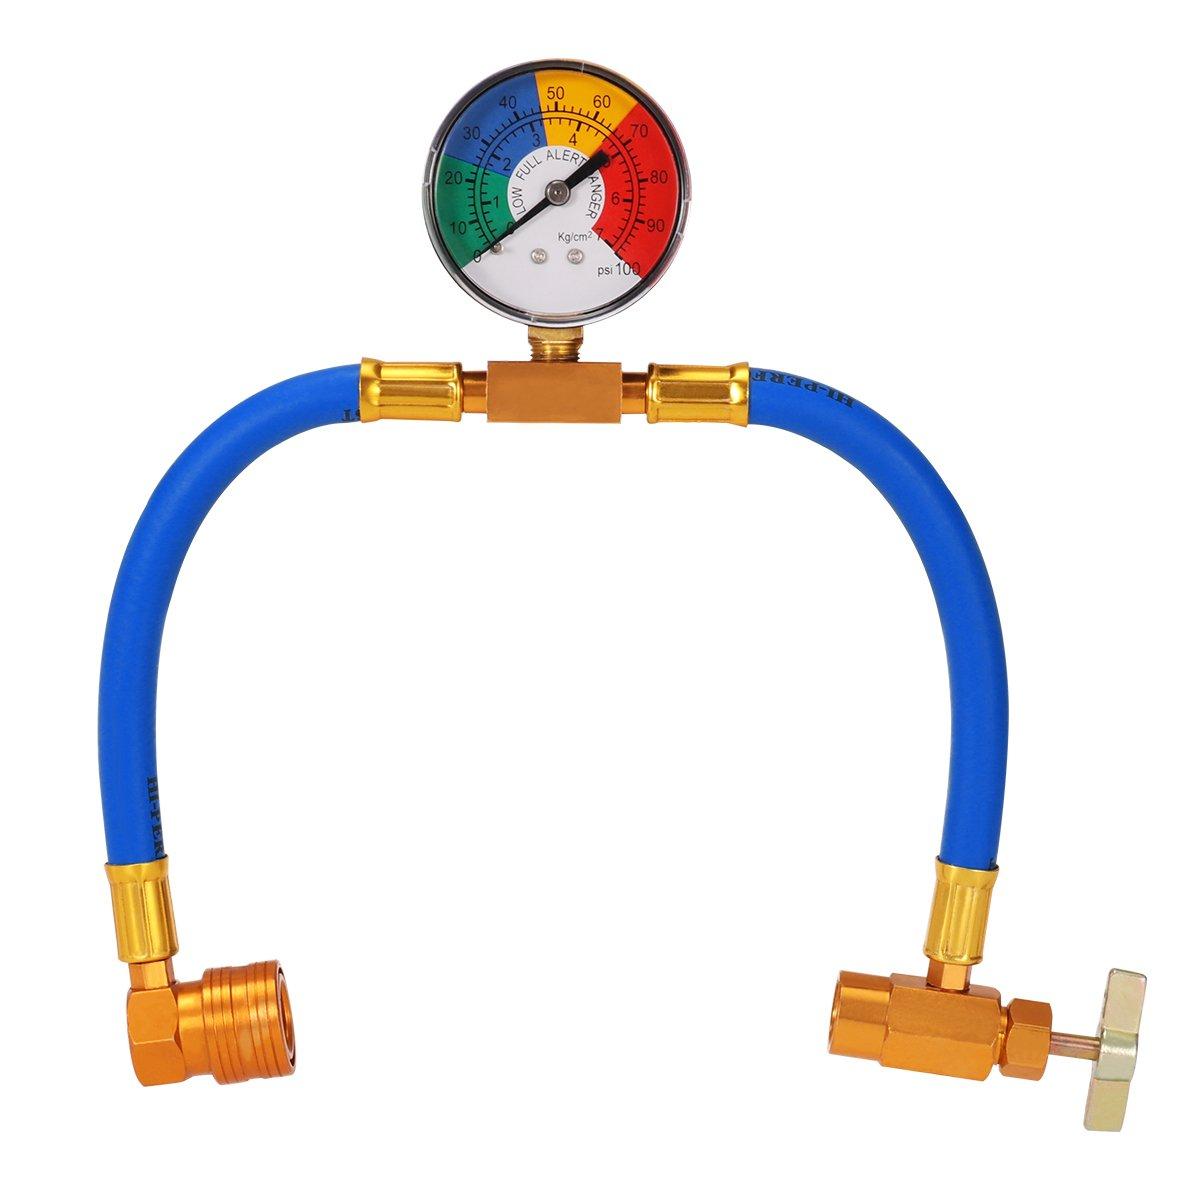 WINOMO R134 a tubo di ricarica di refrigerante per aria condizionata con indicatore per auto, 1/2 filo per America e Europa 1/2filo per America e Europa